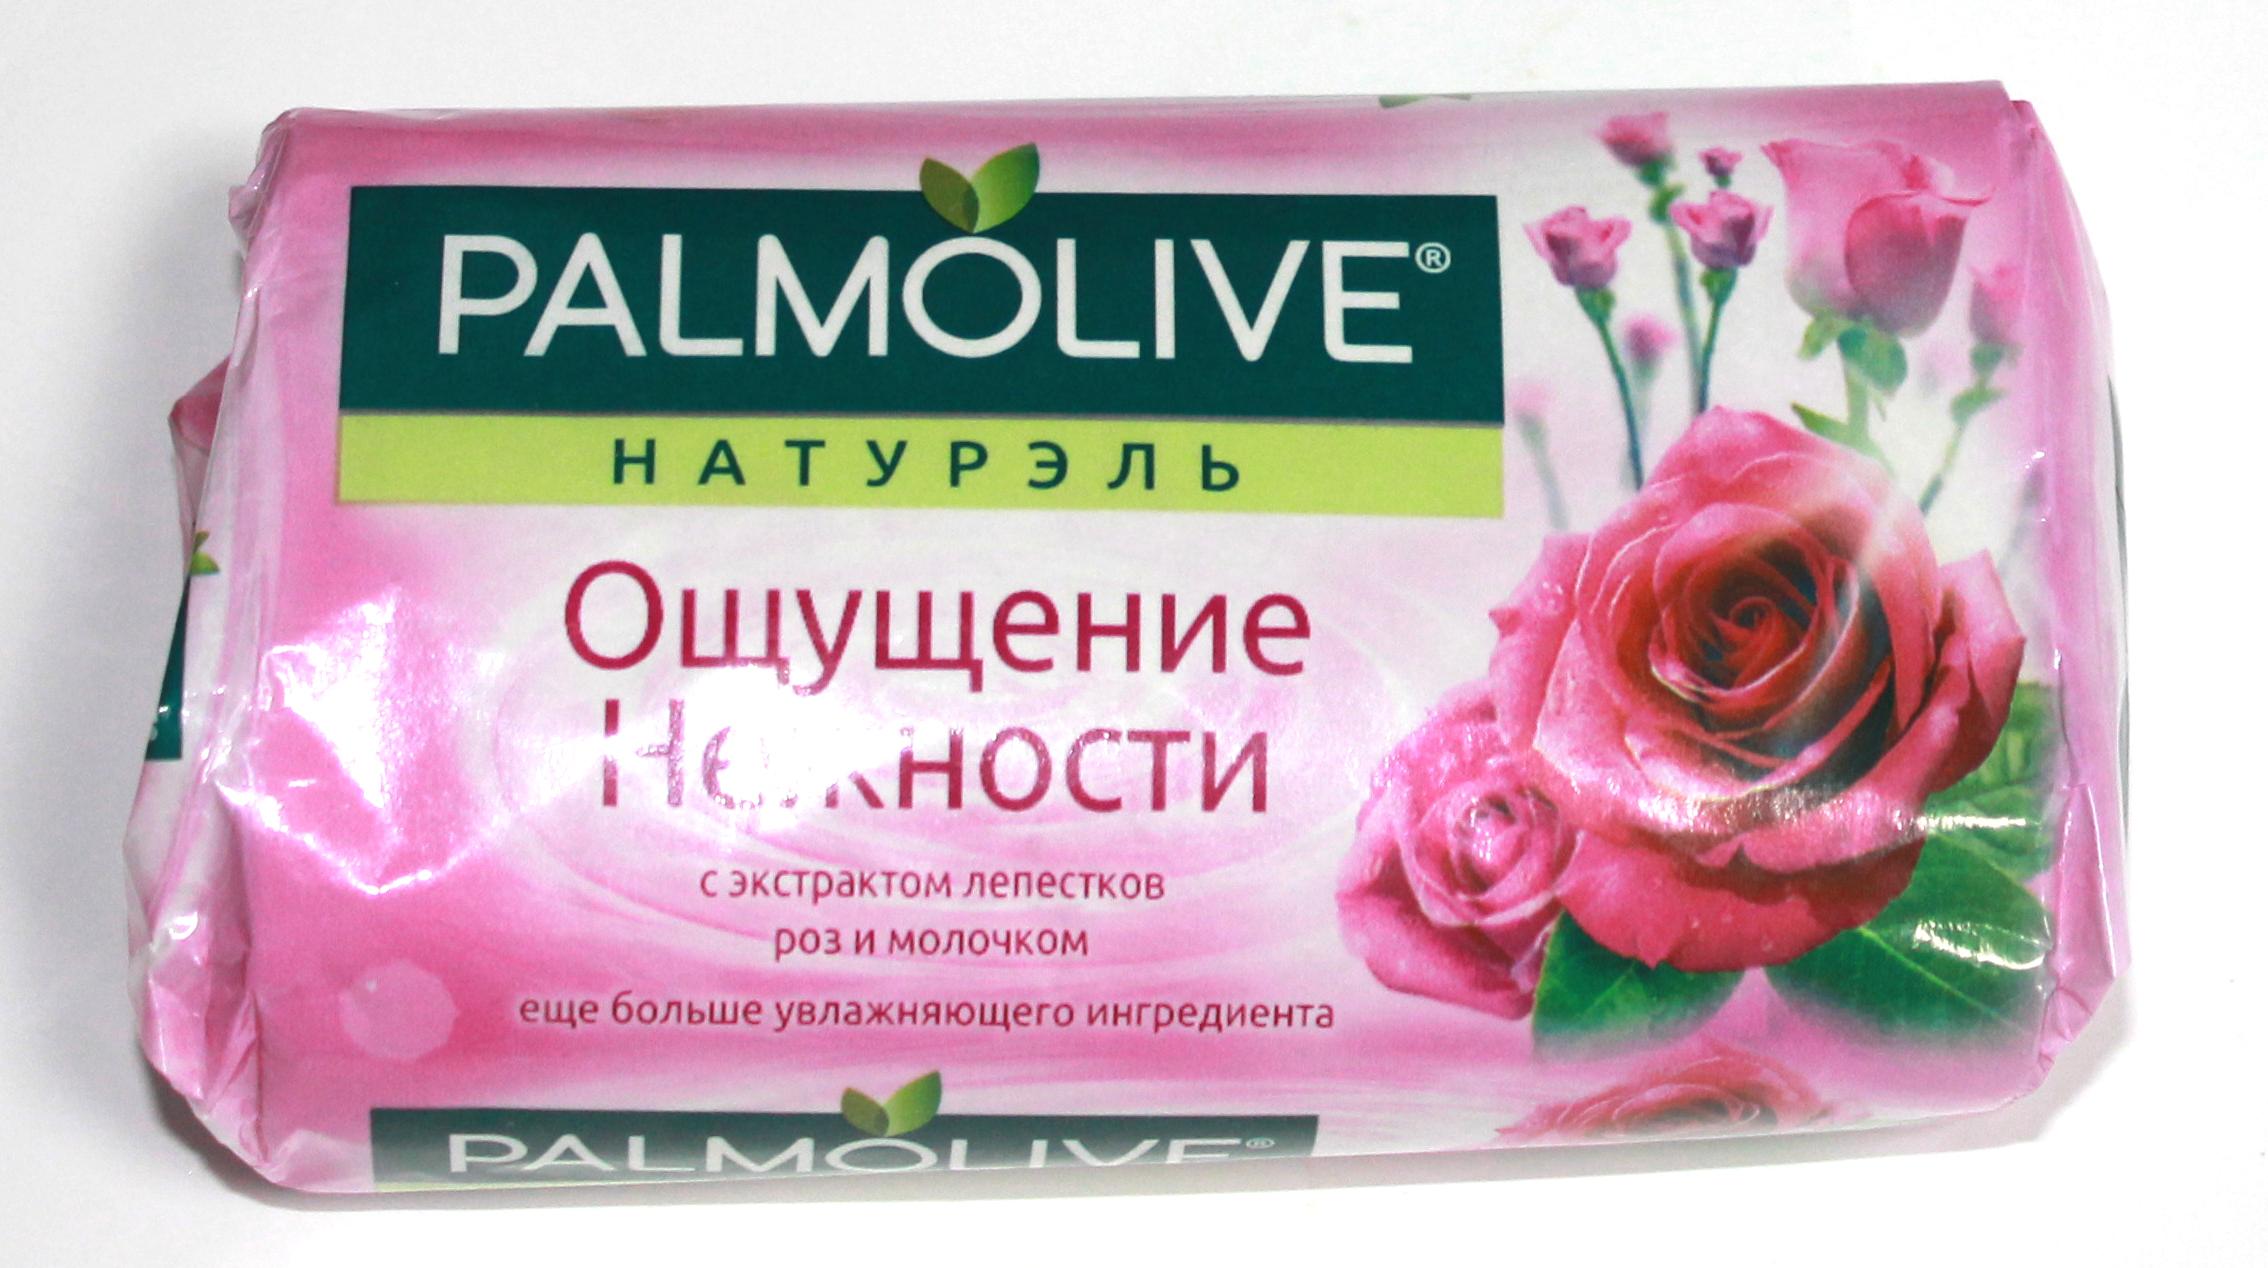 PALMOLIVE - МЫЛО PALMOLIVE 150гр ОЩУЩЕНИЕ НЕЖНОСТИ 8693495052740